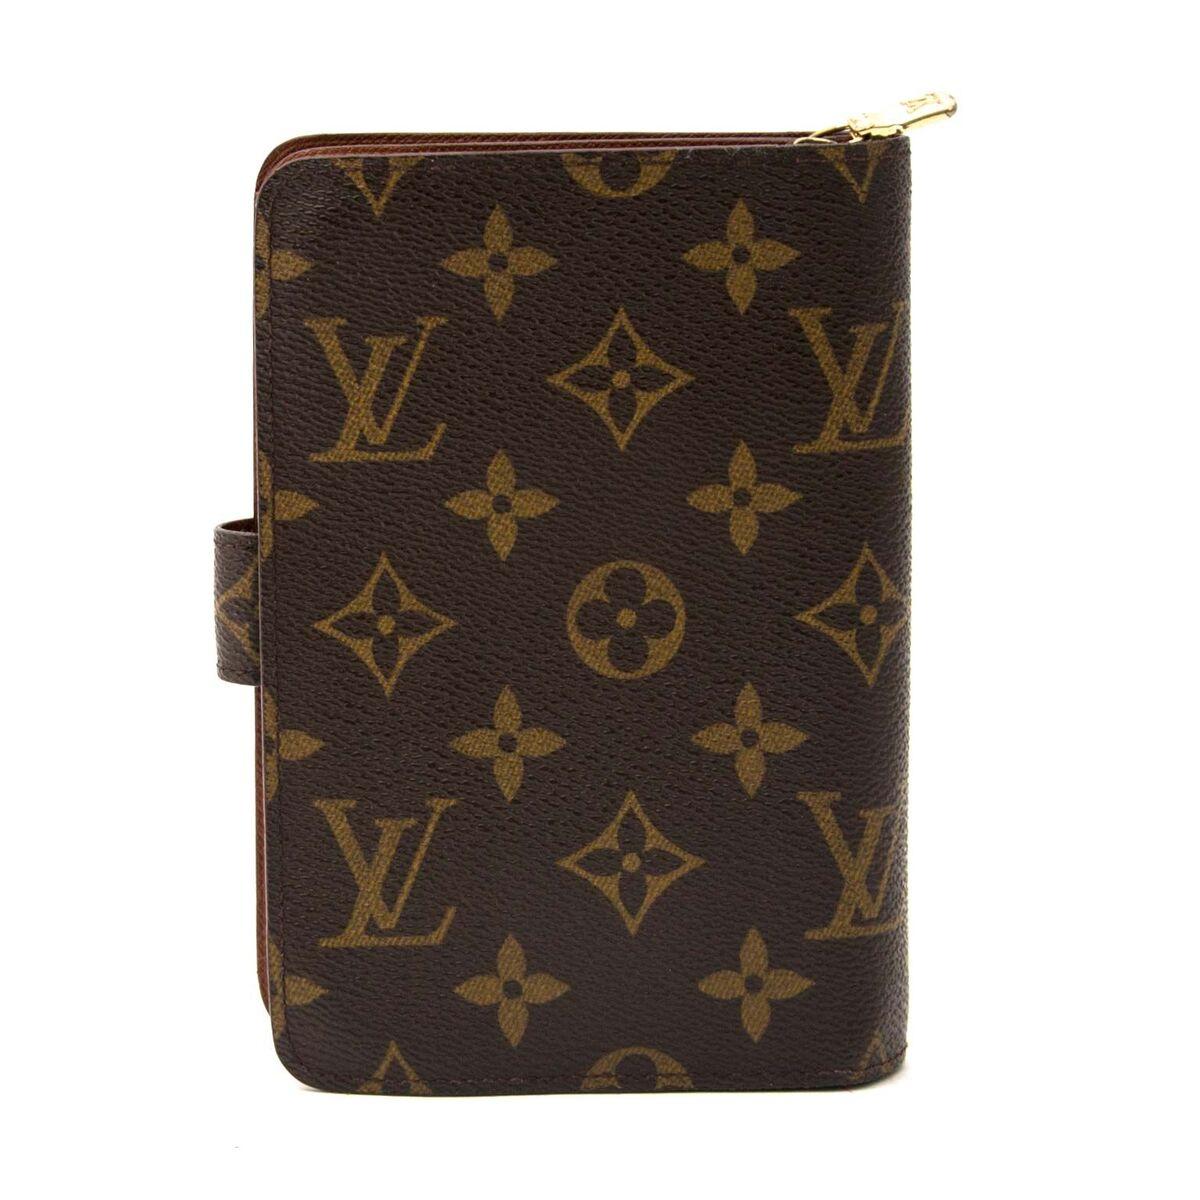 Koop authentieke tweedehands Louis Vuitton portefeuille in monogram aan een eerlijke prijs bij LabelLOV. Veilig online shoppen.